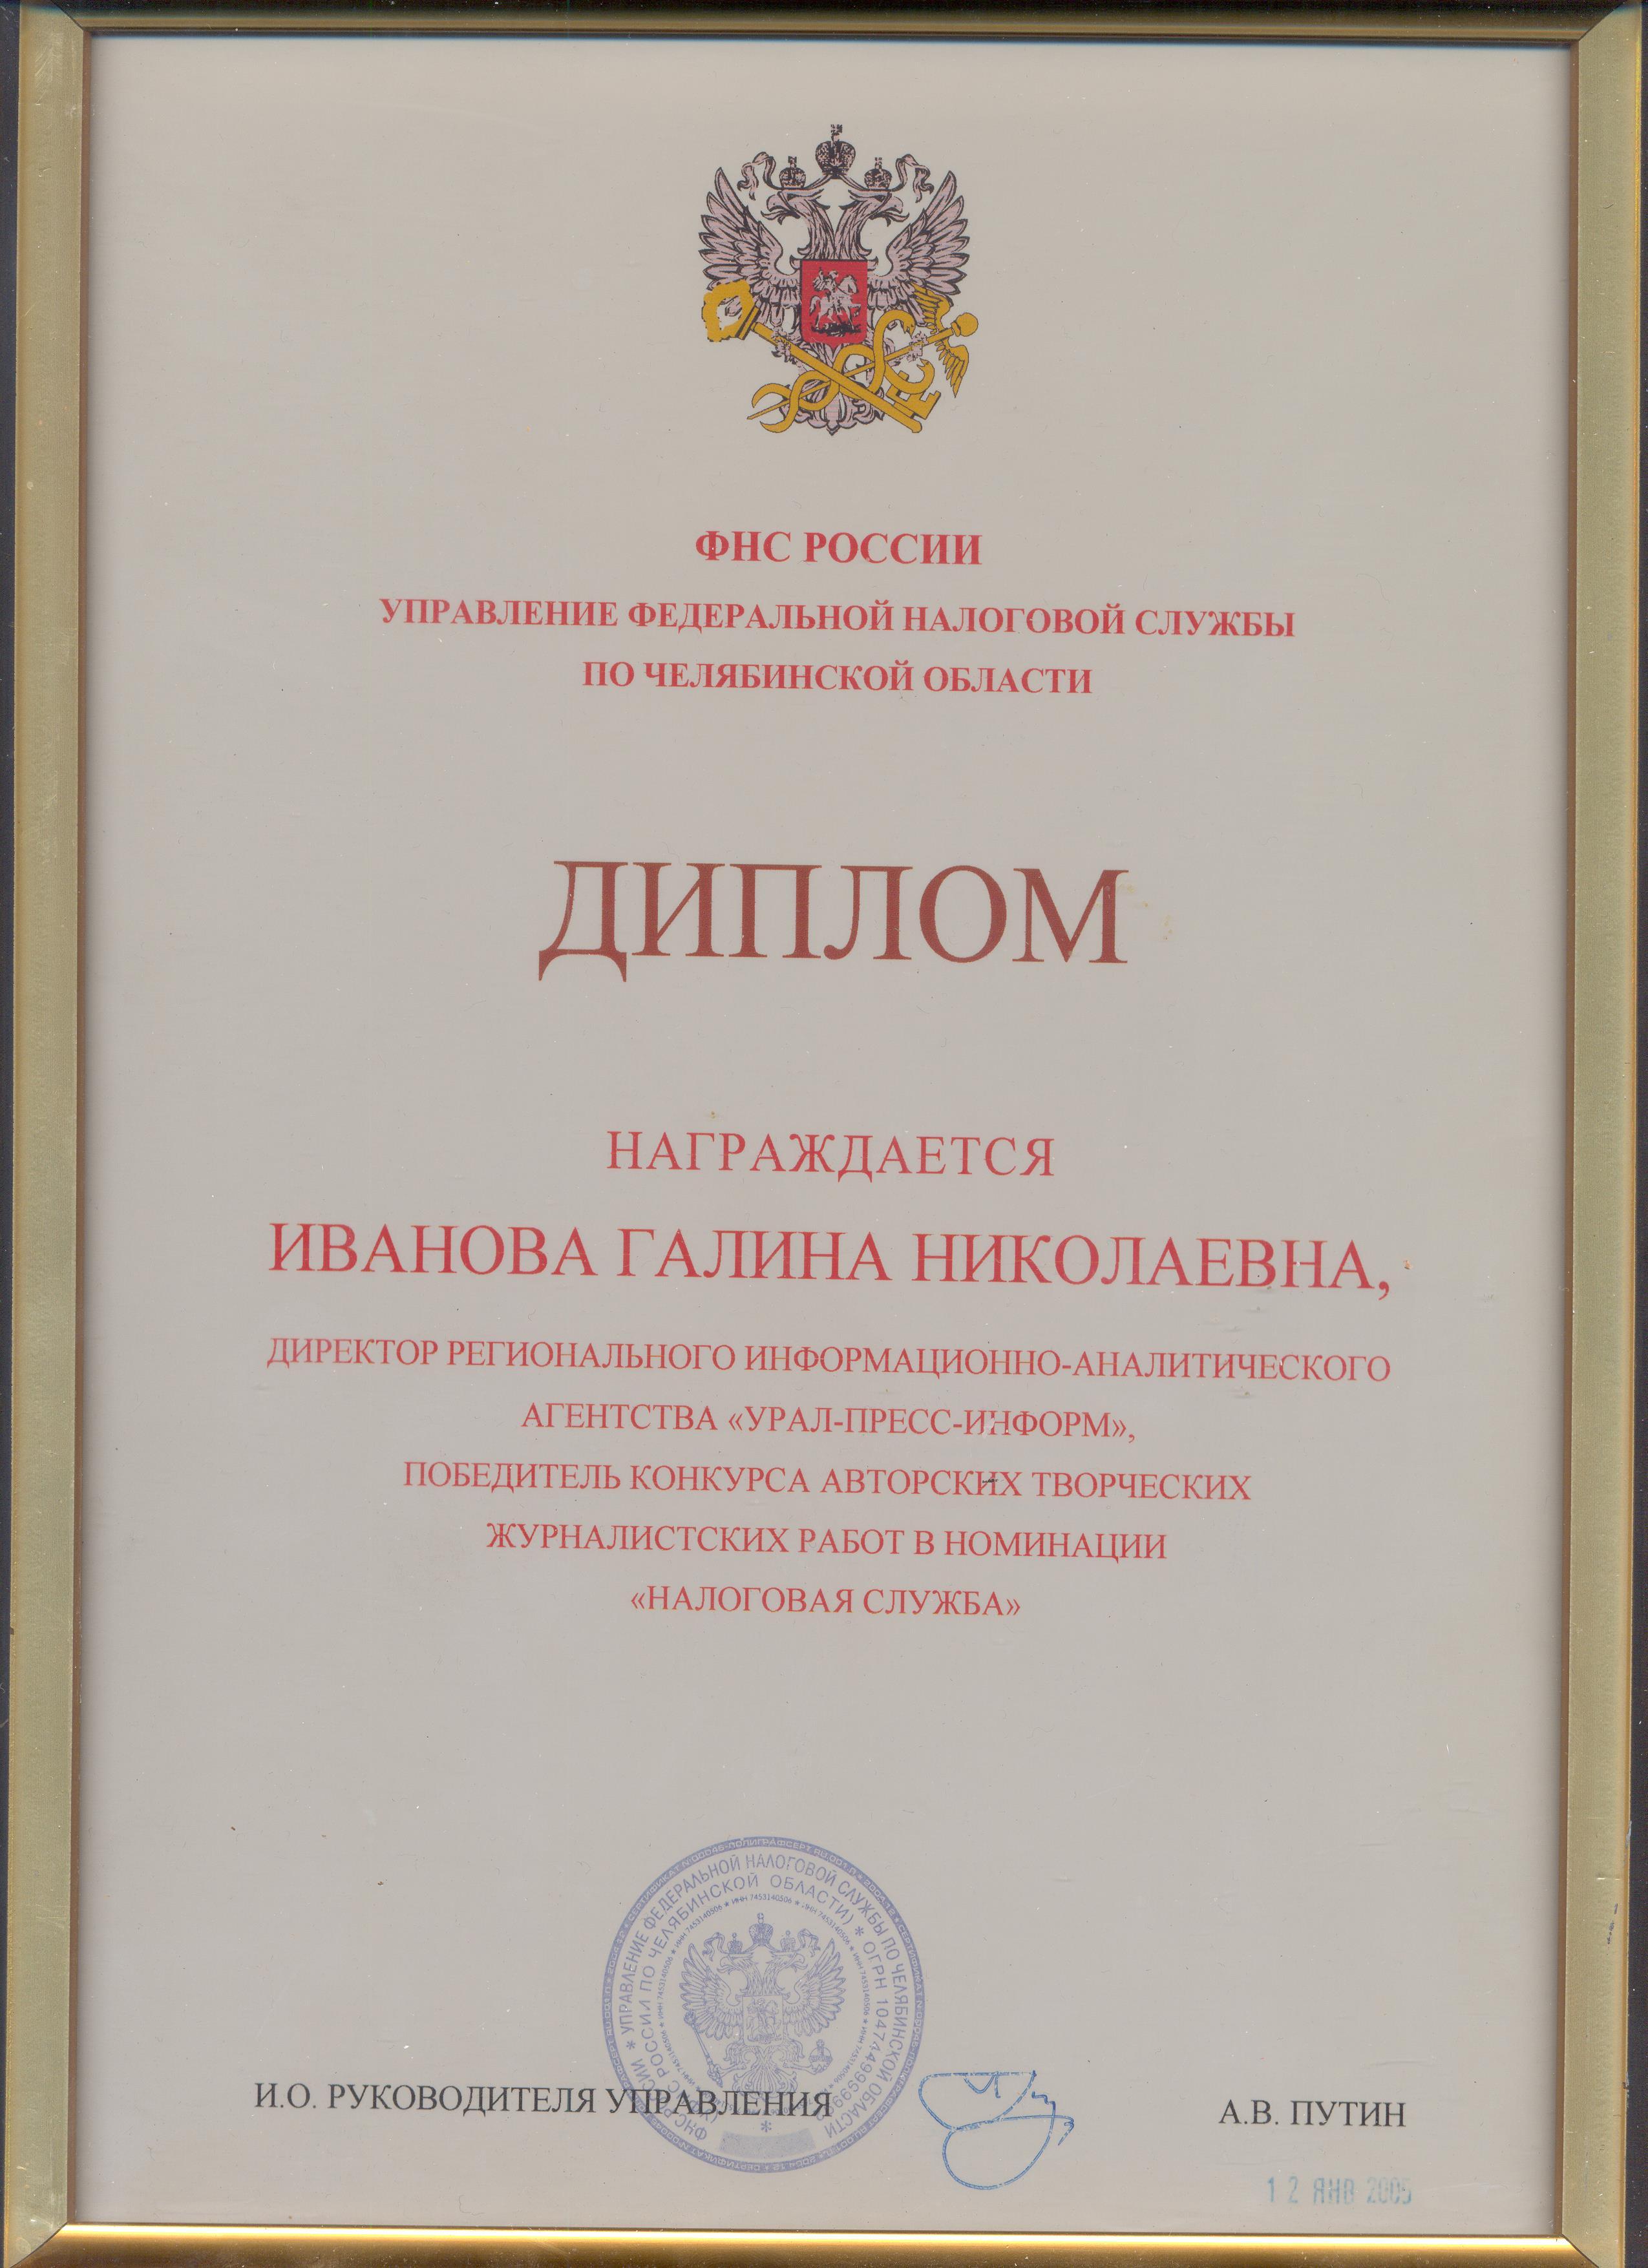 2005   Управление Федеральной налоговой службы по Челябинской области